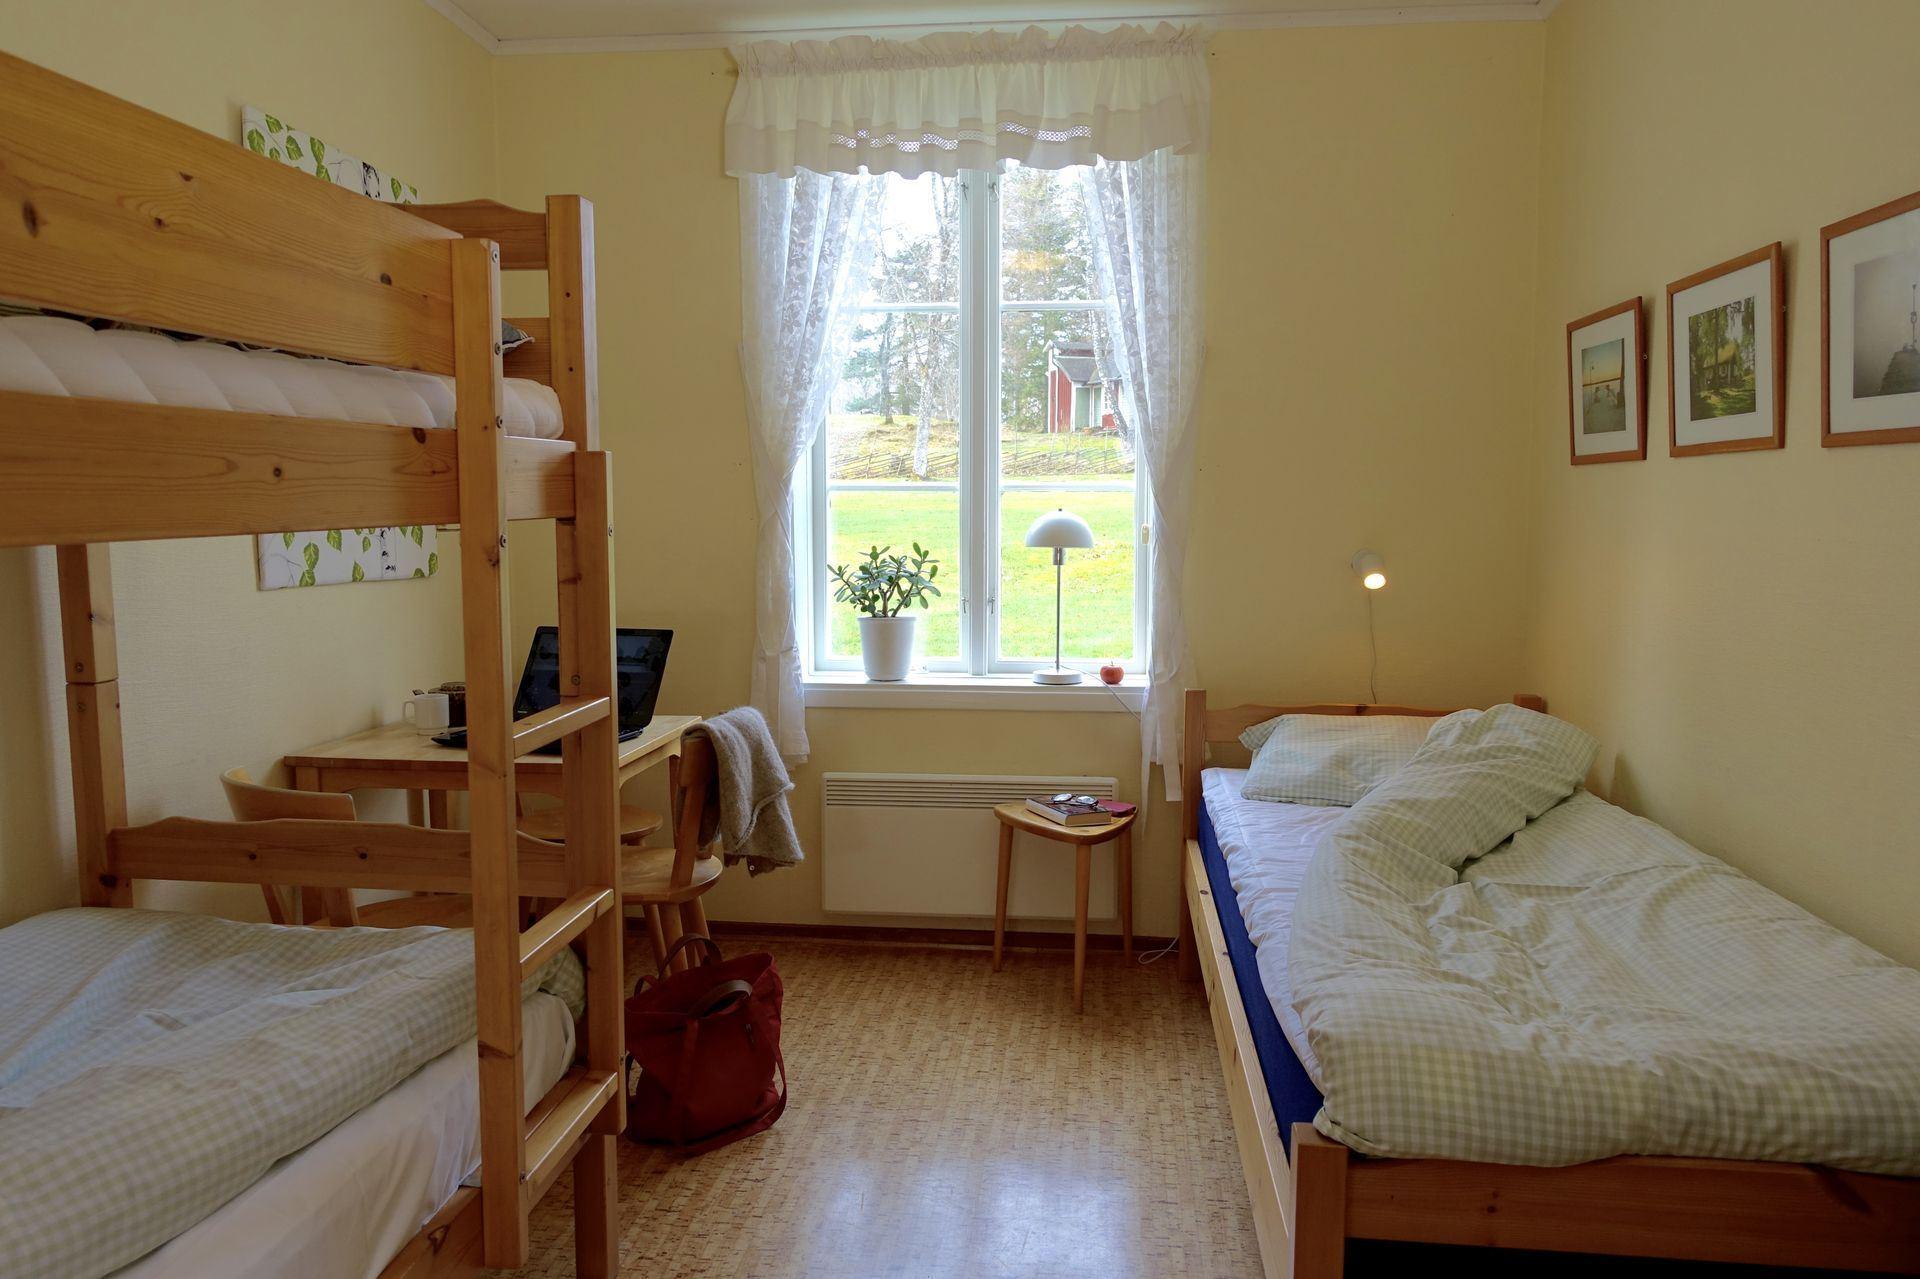 Växjö youth hostel Evedal